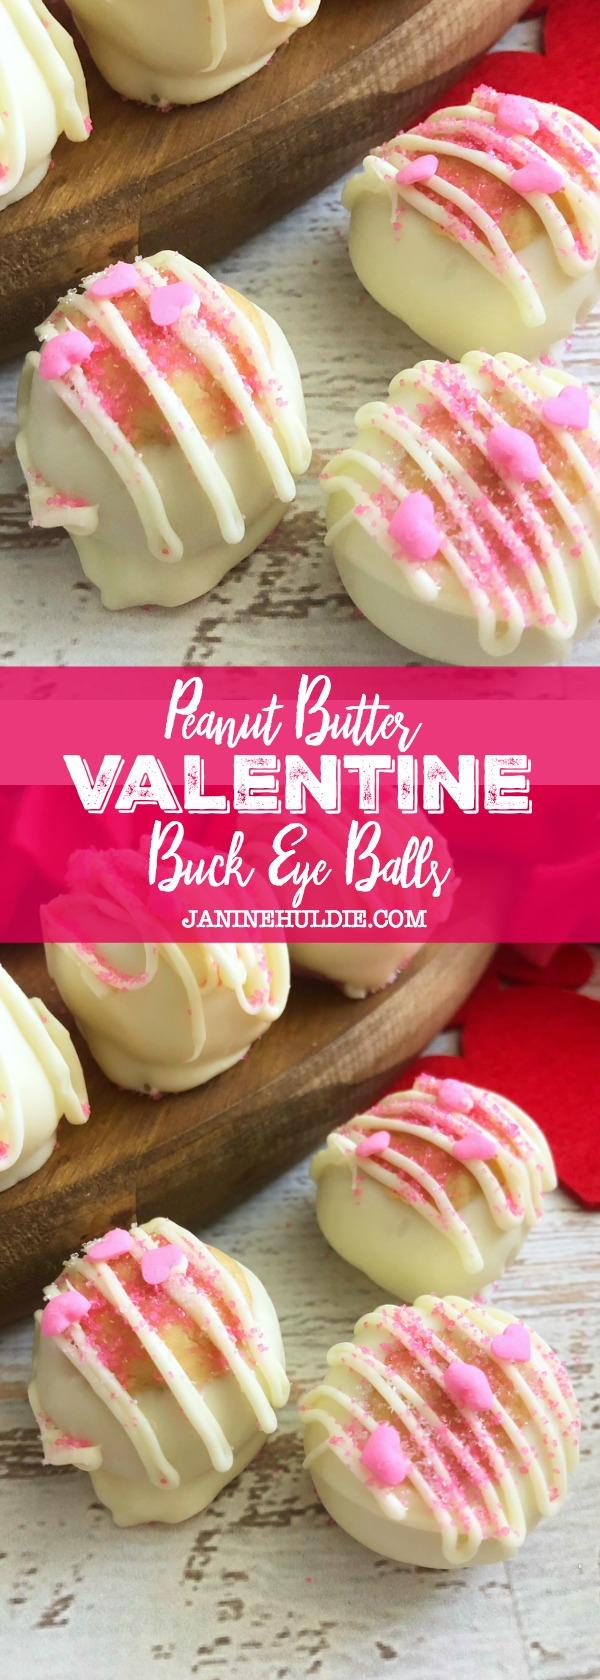 Peanut Butter Valentine Buck Eye Balls